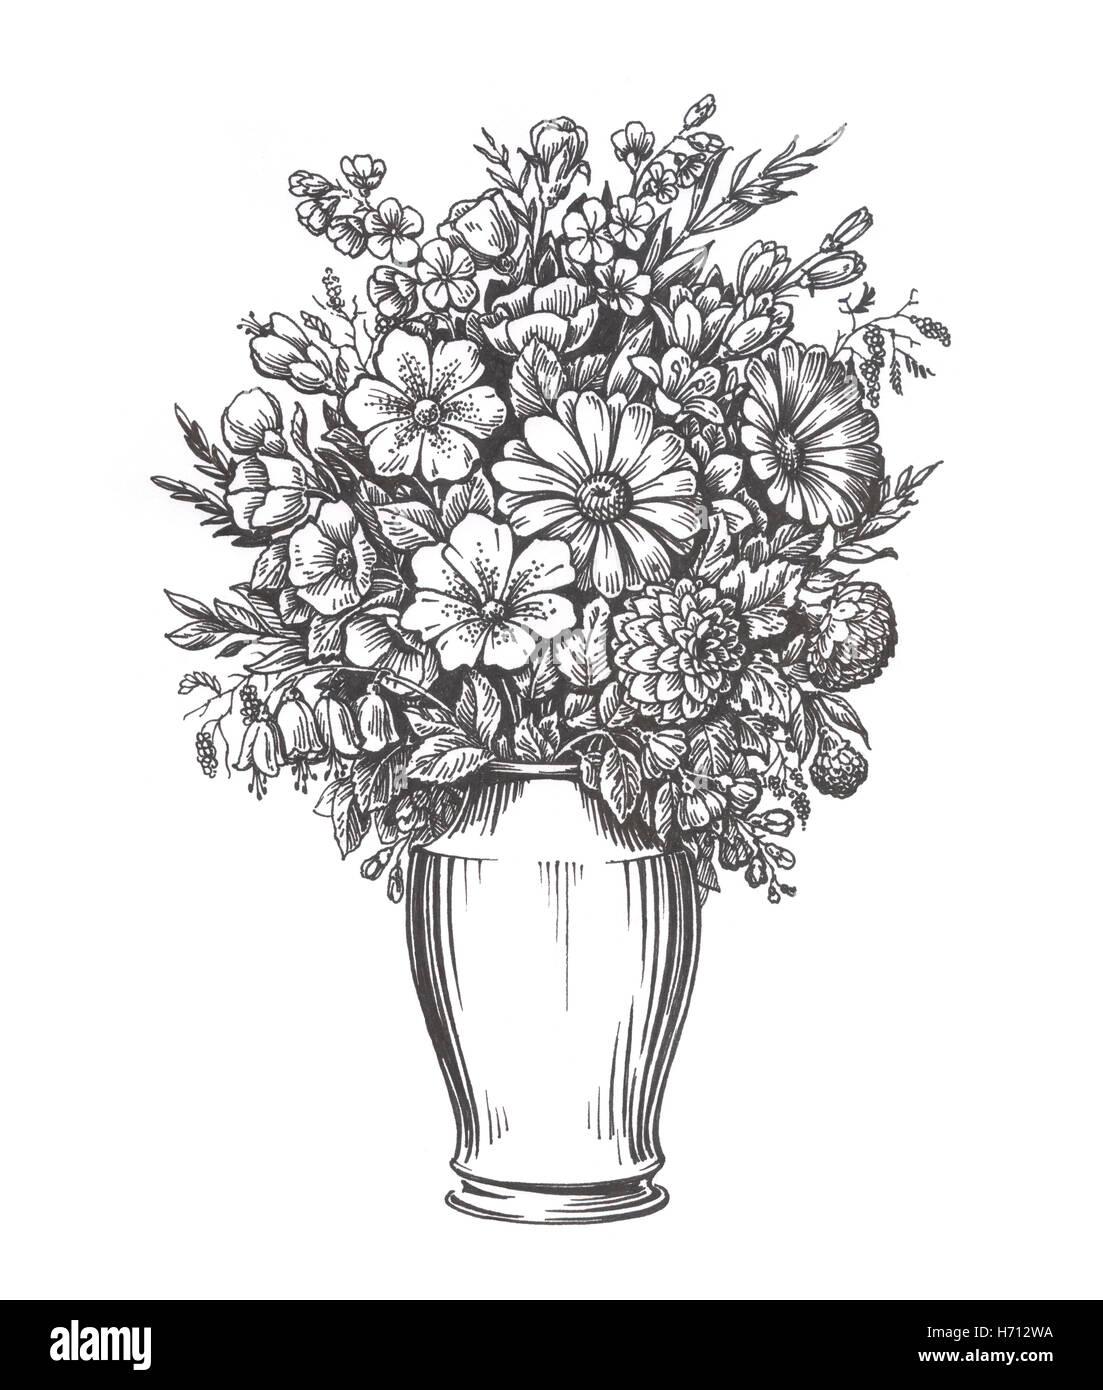 Vintage jarrón con flores. Ilustración boceto dibujados a mano Imagen De Stock